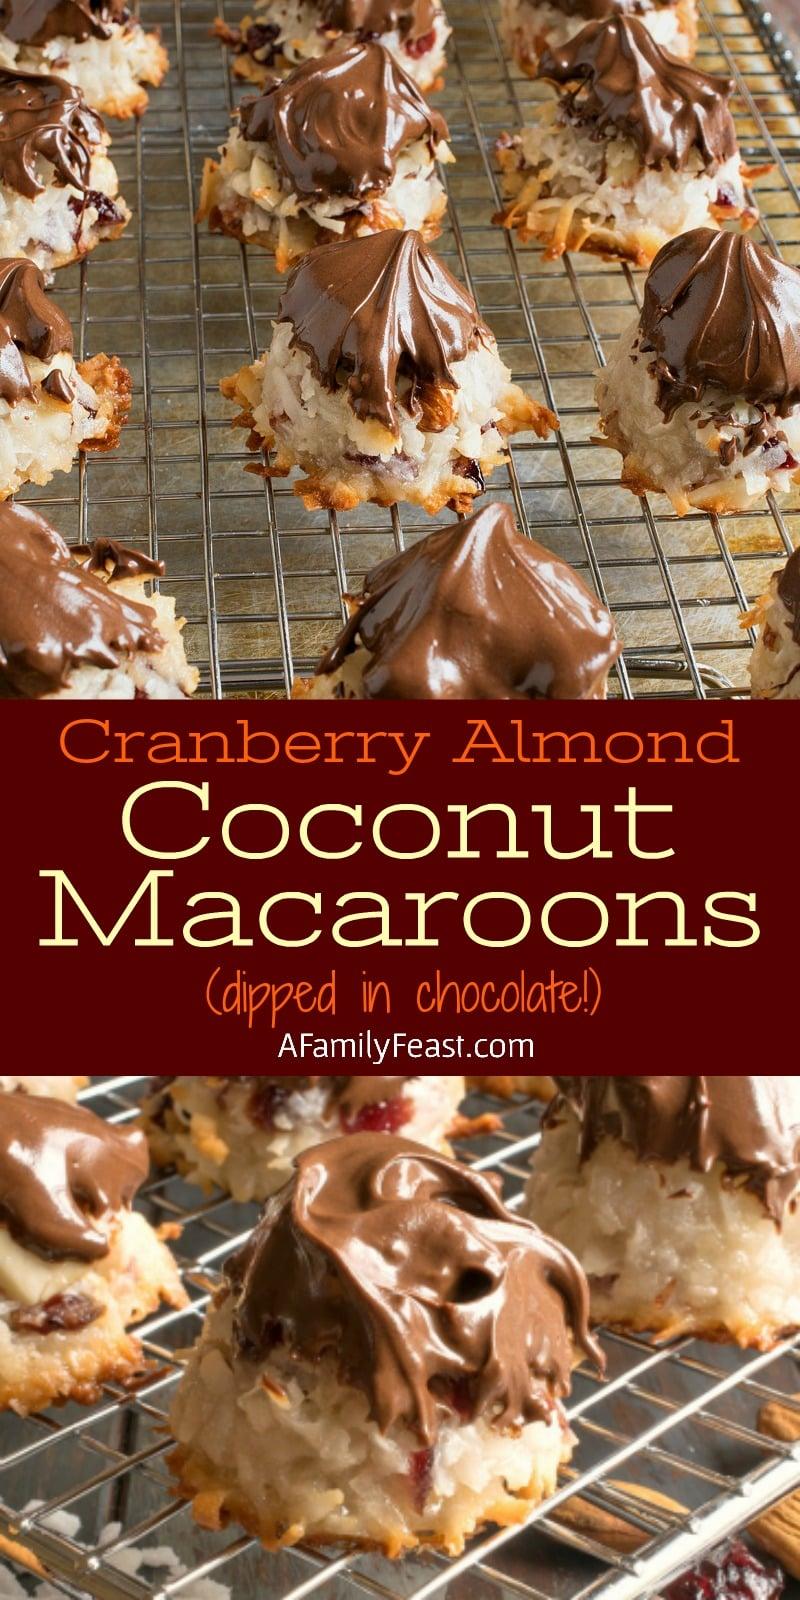 Cranberry Almond Coconut Macaroons - Au Bon Pain copycat